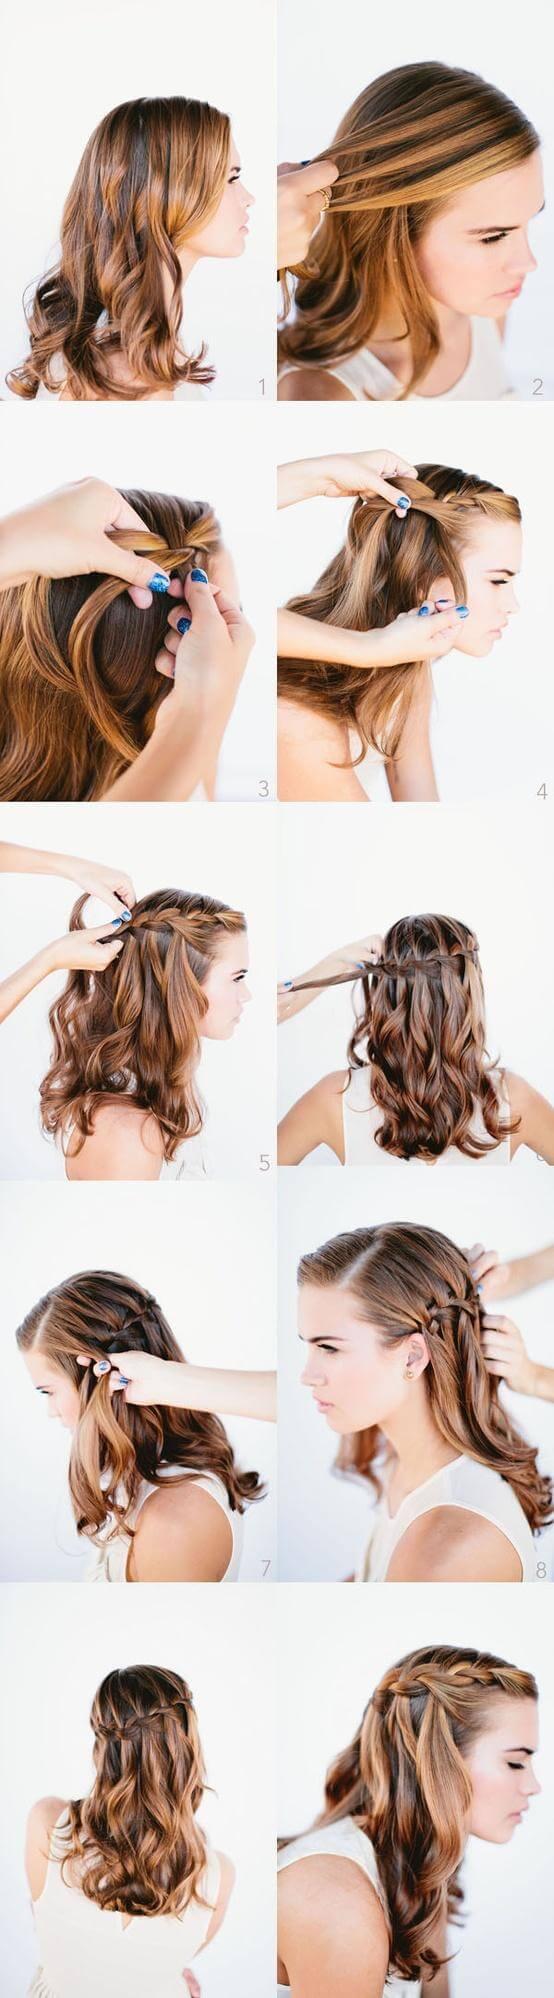 peinados-paso-paso-trenza